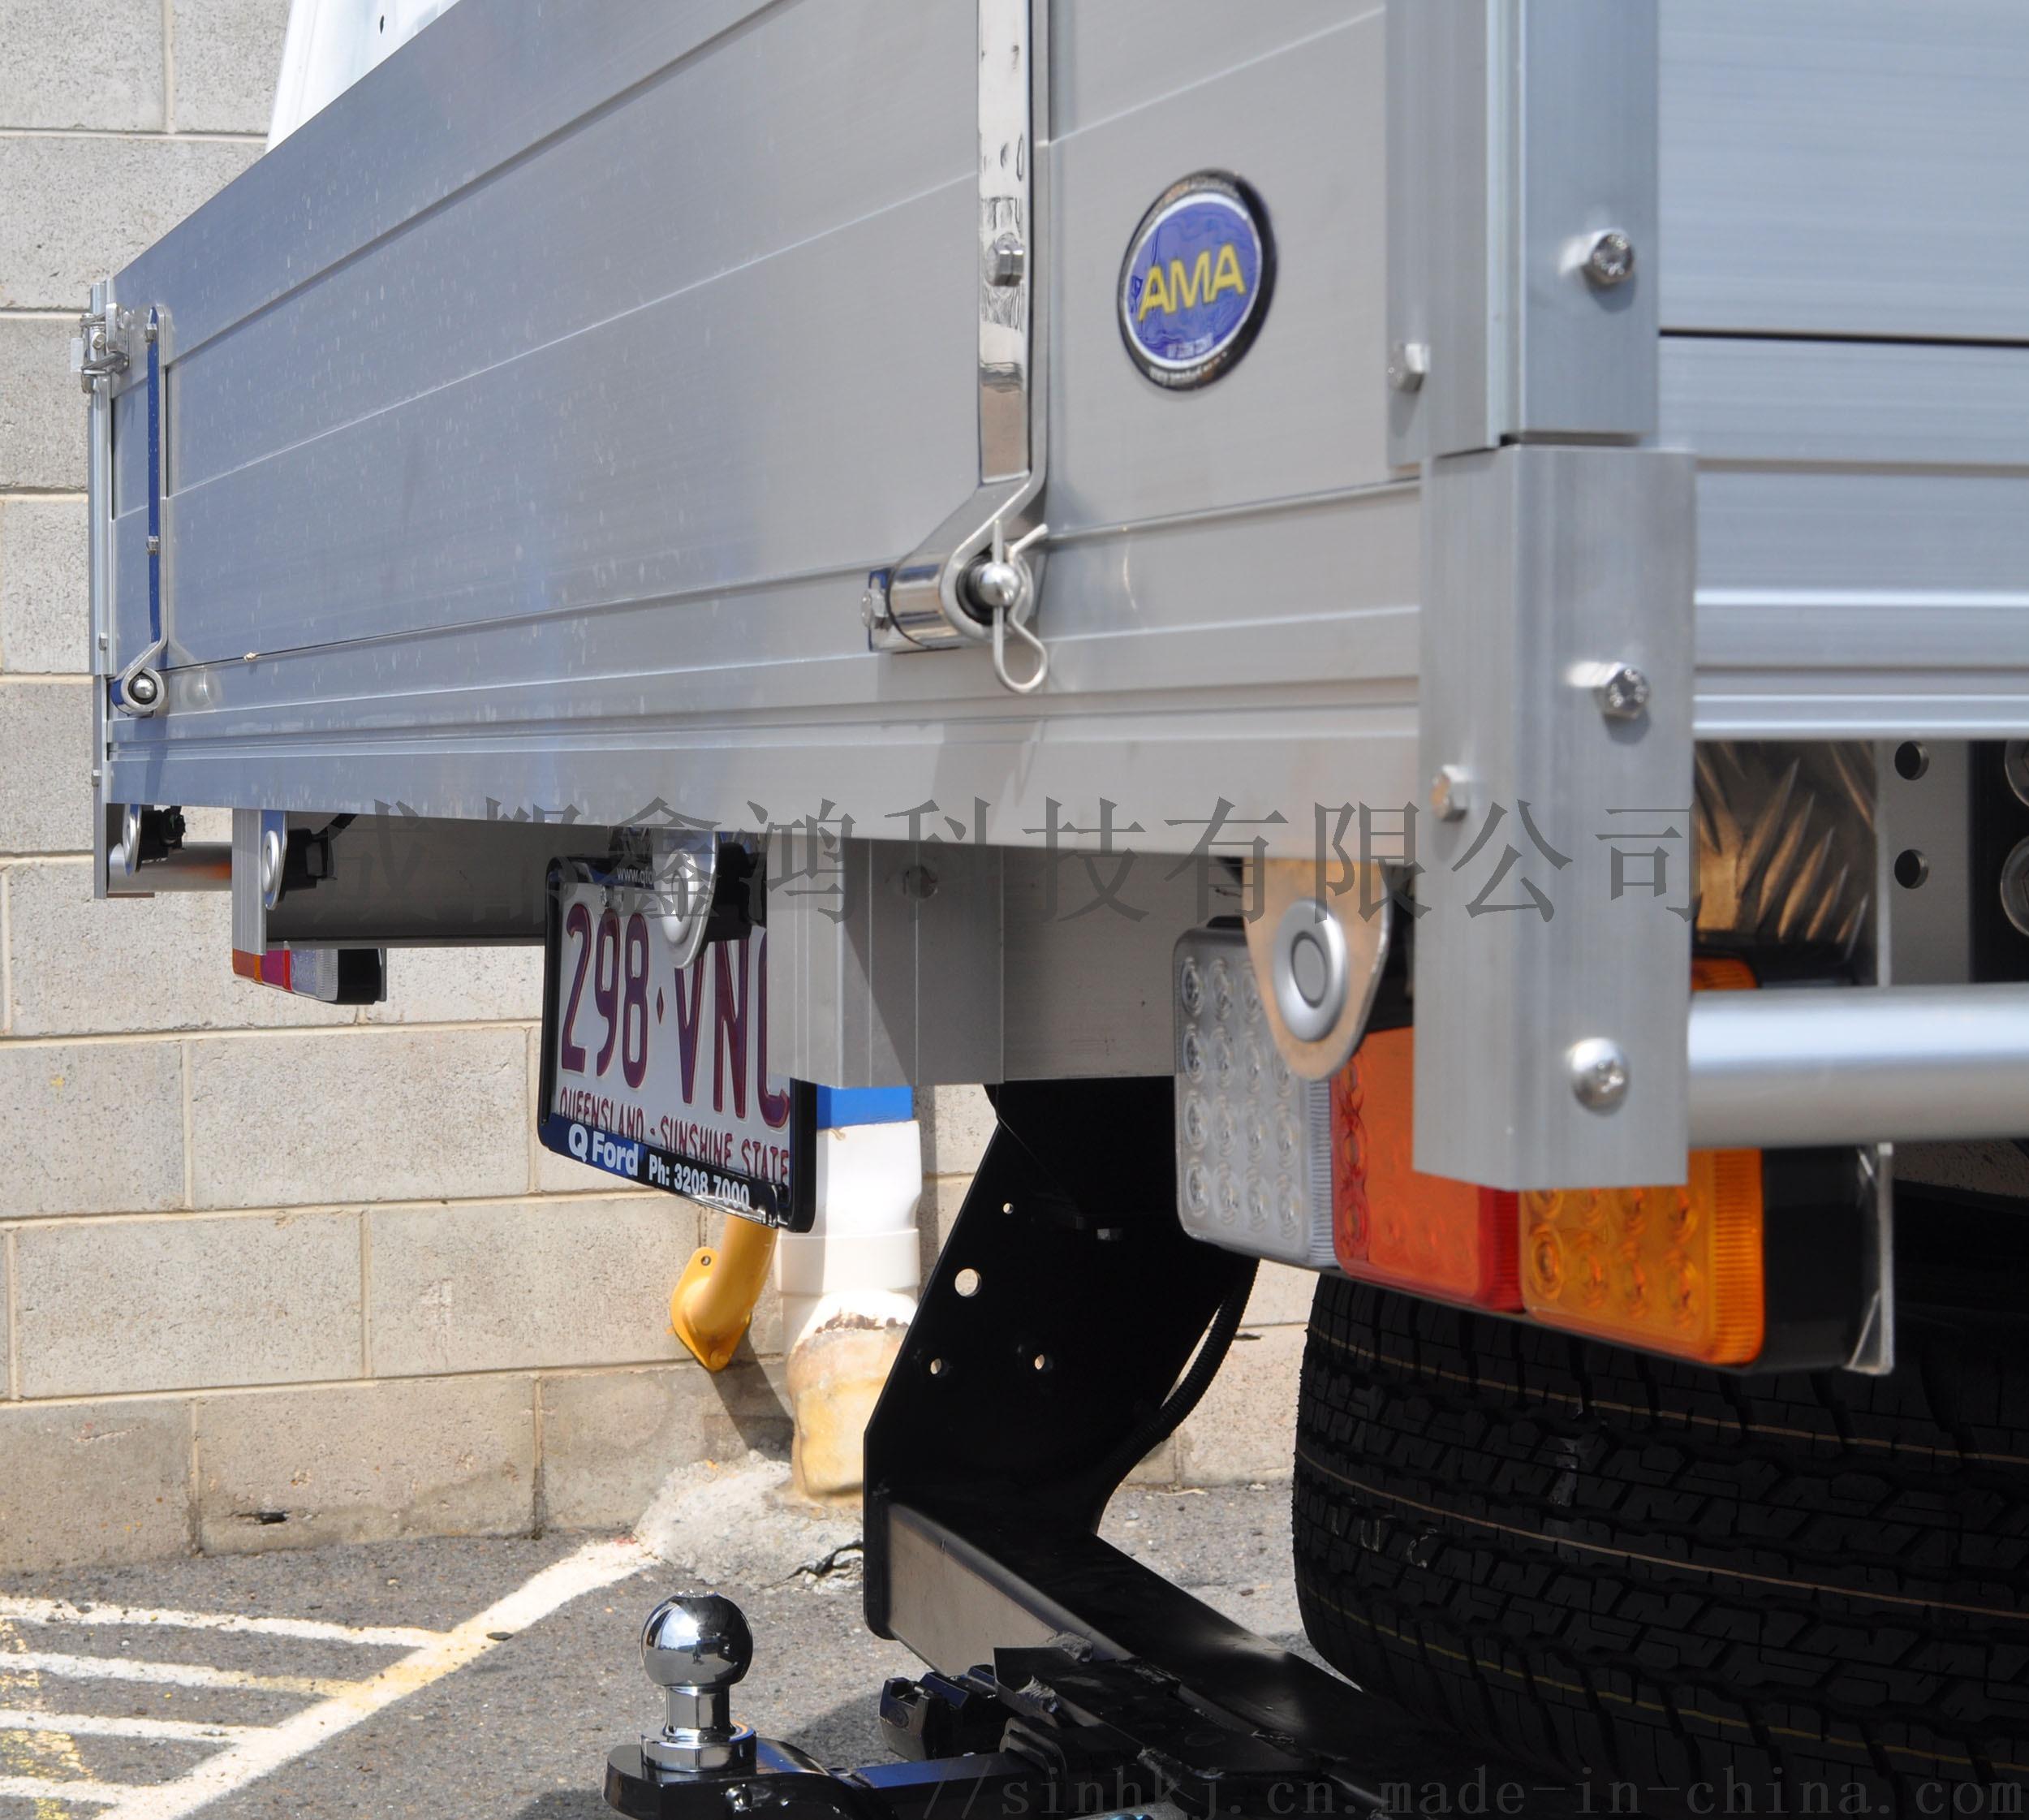 叉车专用倒车雷达抗干扰型893465135